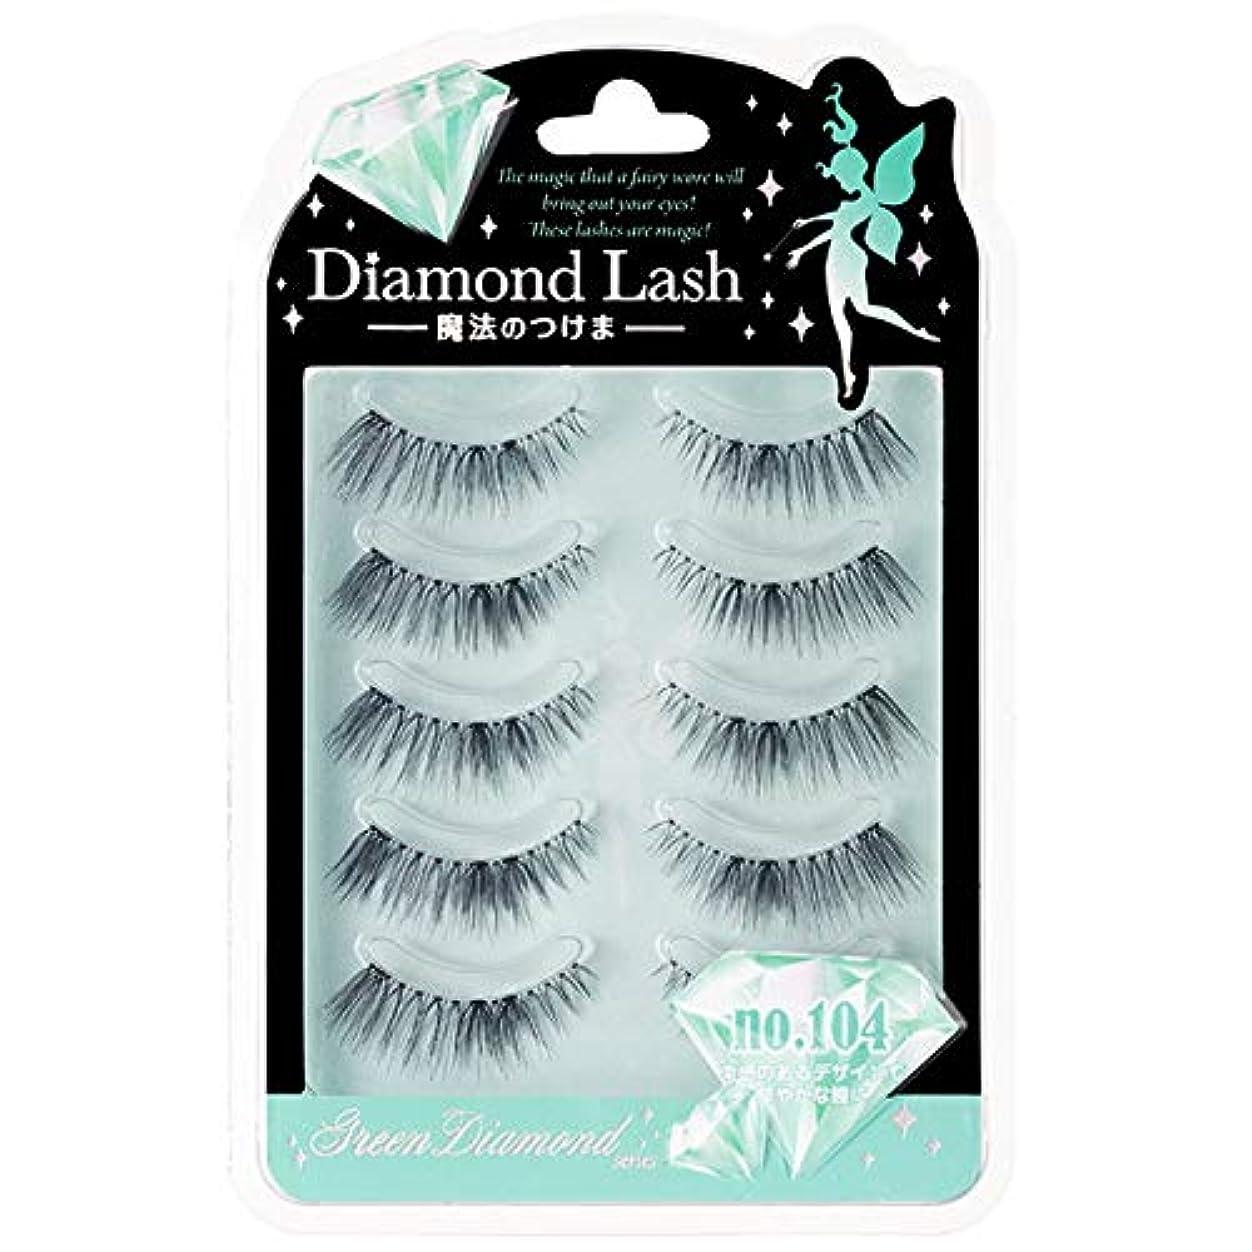 在庫クレジット義務Diamond Lash(ダイヤモンドラッシュ) グリーン no.104 5ペア